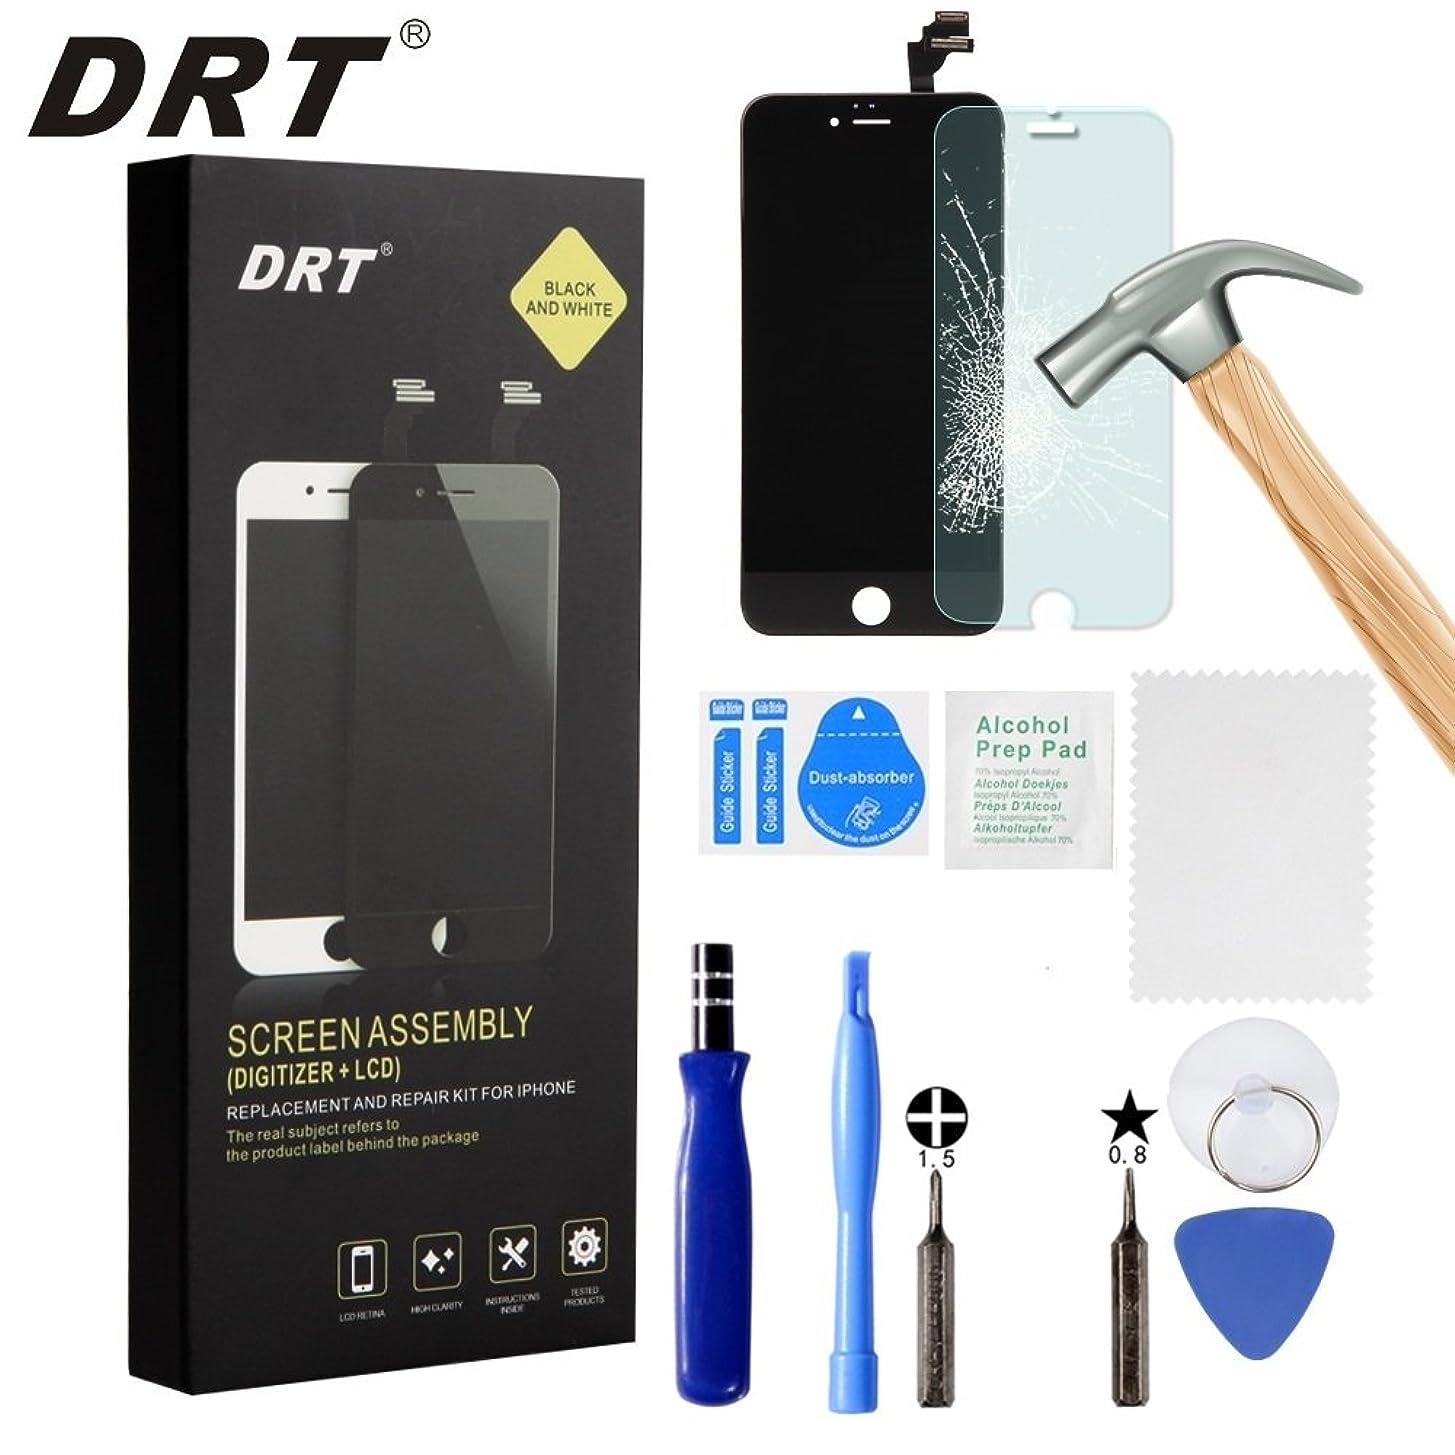 iPhone 6s フロントパネル 液晶パネル タッチパネル 修理用交換用LCD フロントガラス デジタイザー 工具セット付属 (6S ブラック)